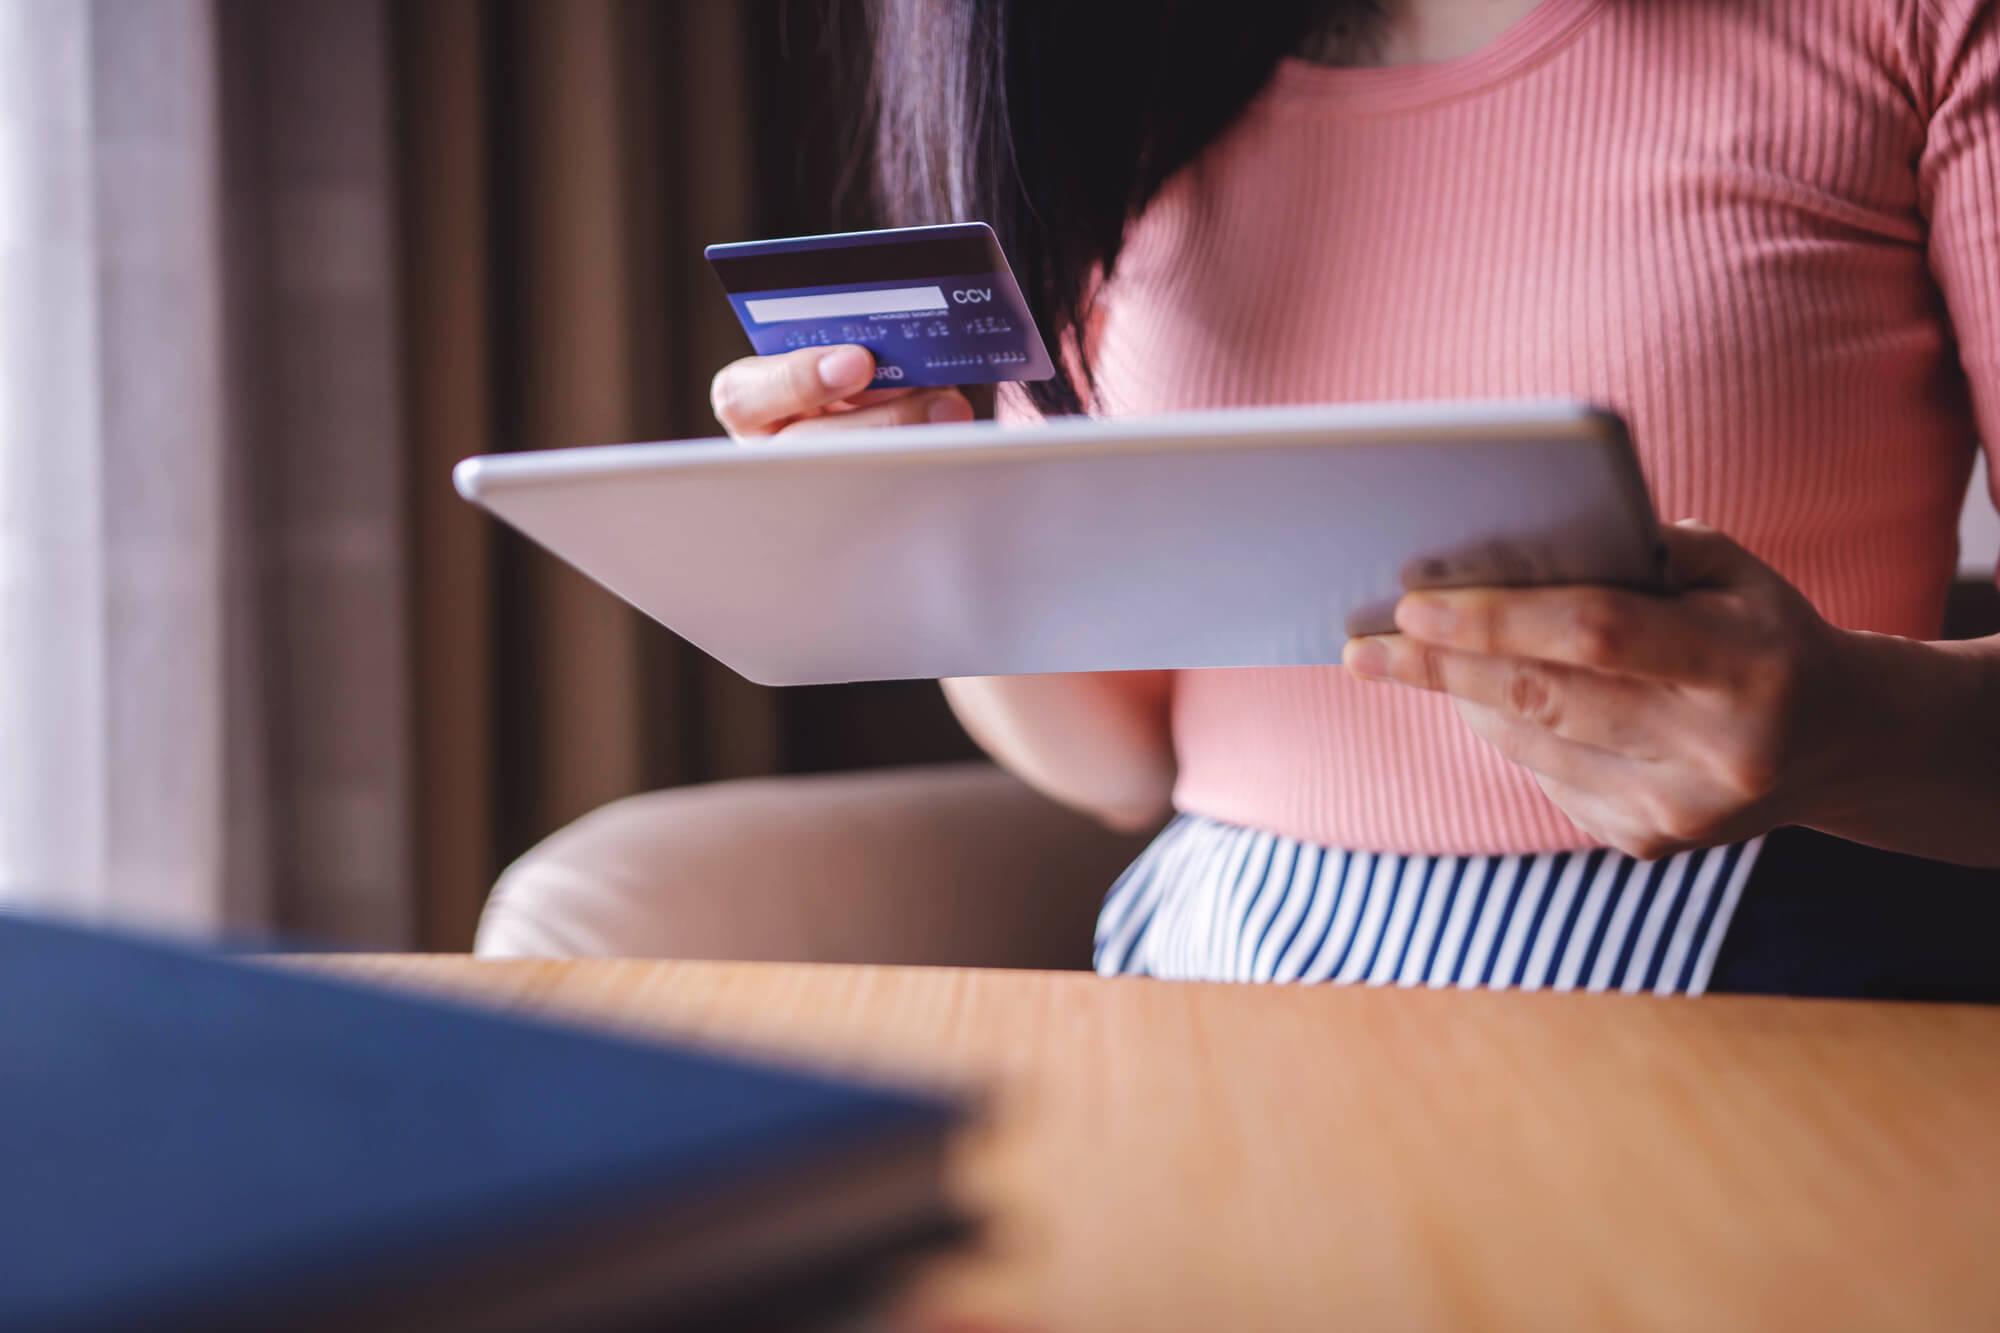 Plataformas de e-commerce, tudo o que você precisa saber está aqui!